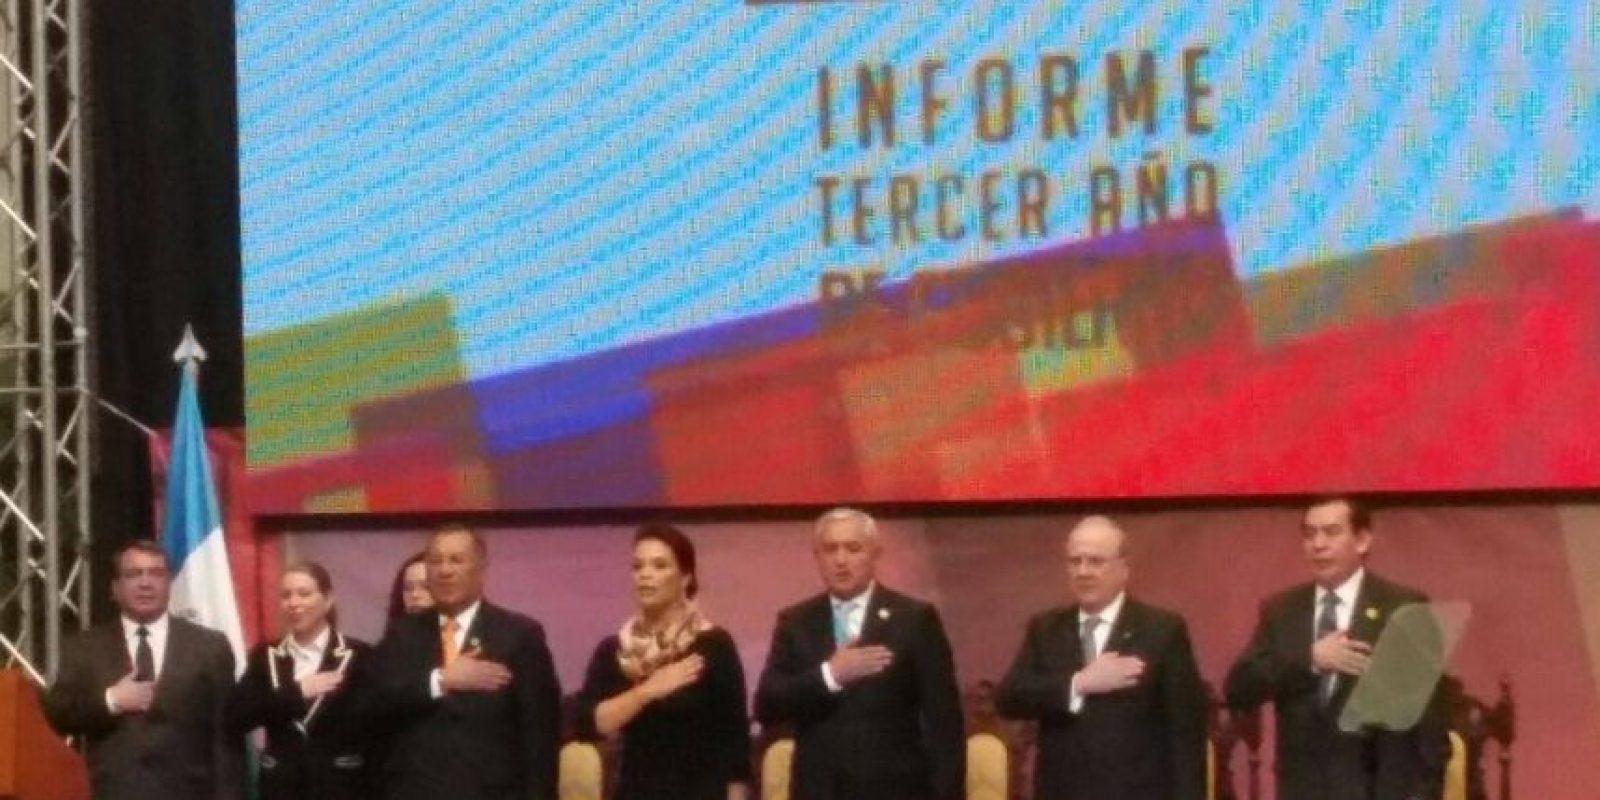 En la mesa principal está Arístides Crespo, vicepresidente del Congreso, Roberto Molina Barreto, presidente de la CC y Josué Fleipe Baquiax, titular del Organismo Judicial Foto:Publinews